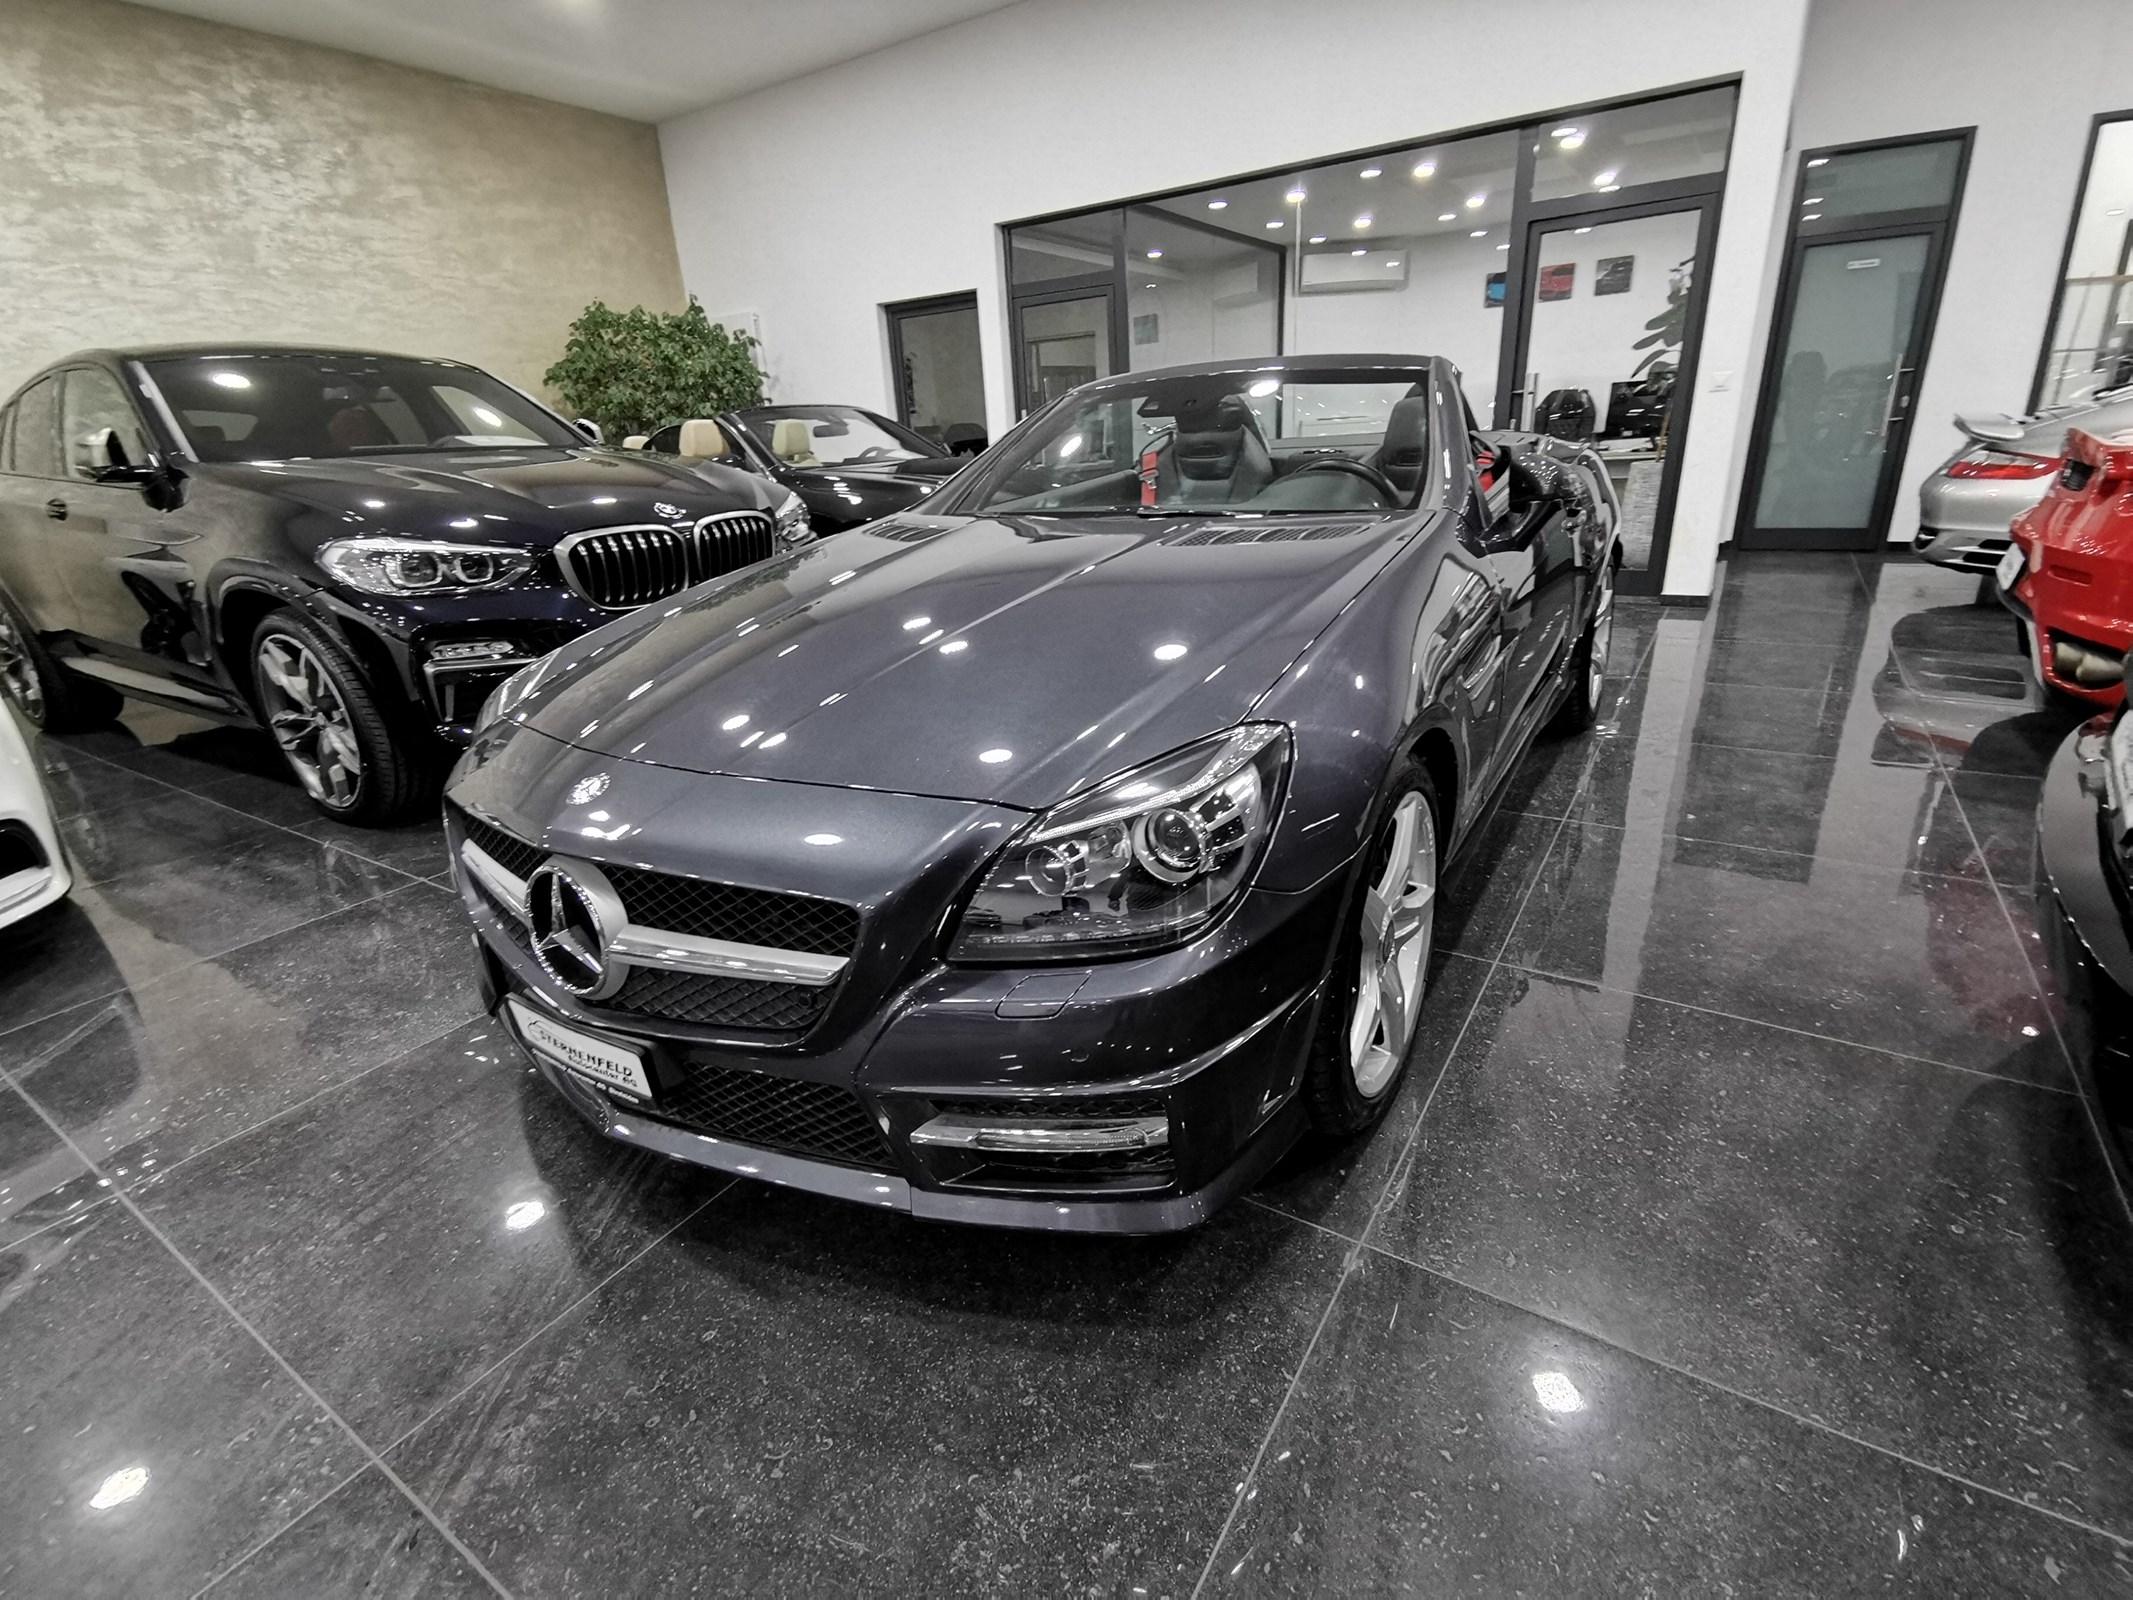 cabriolet Mercedes-Benz SLK 250 7G-Tronic